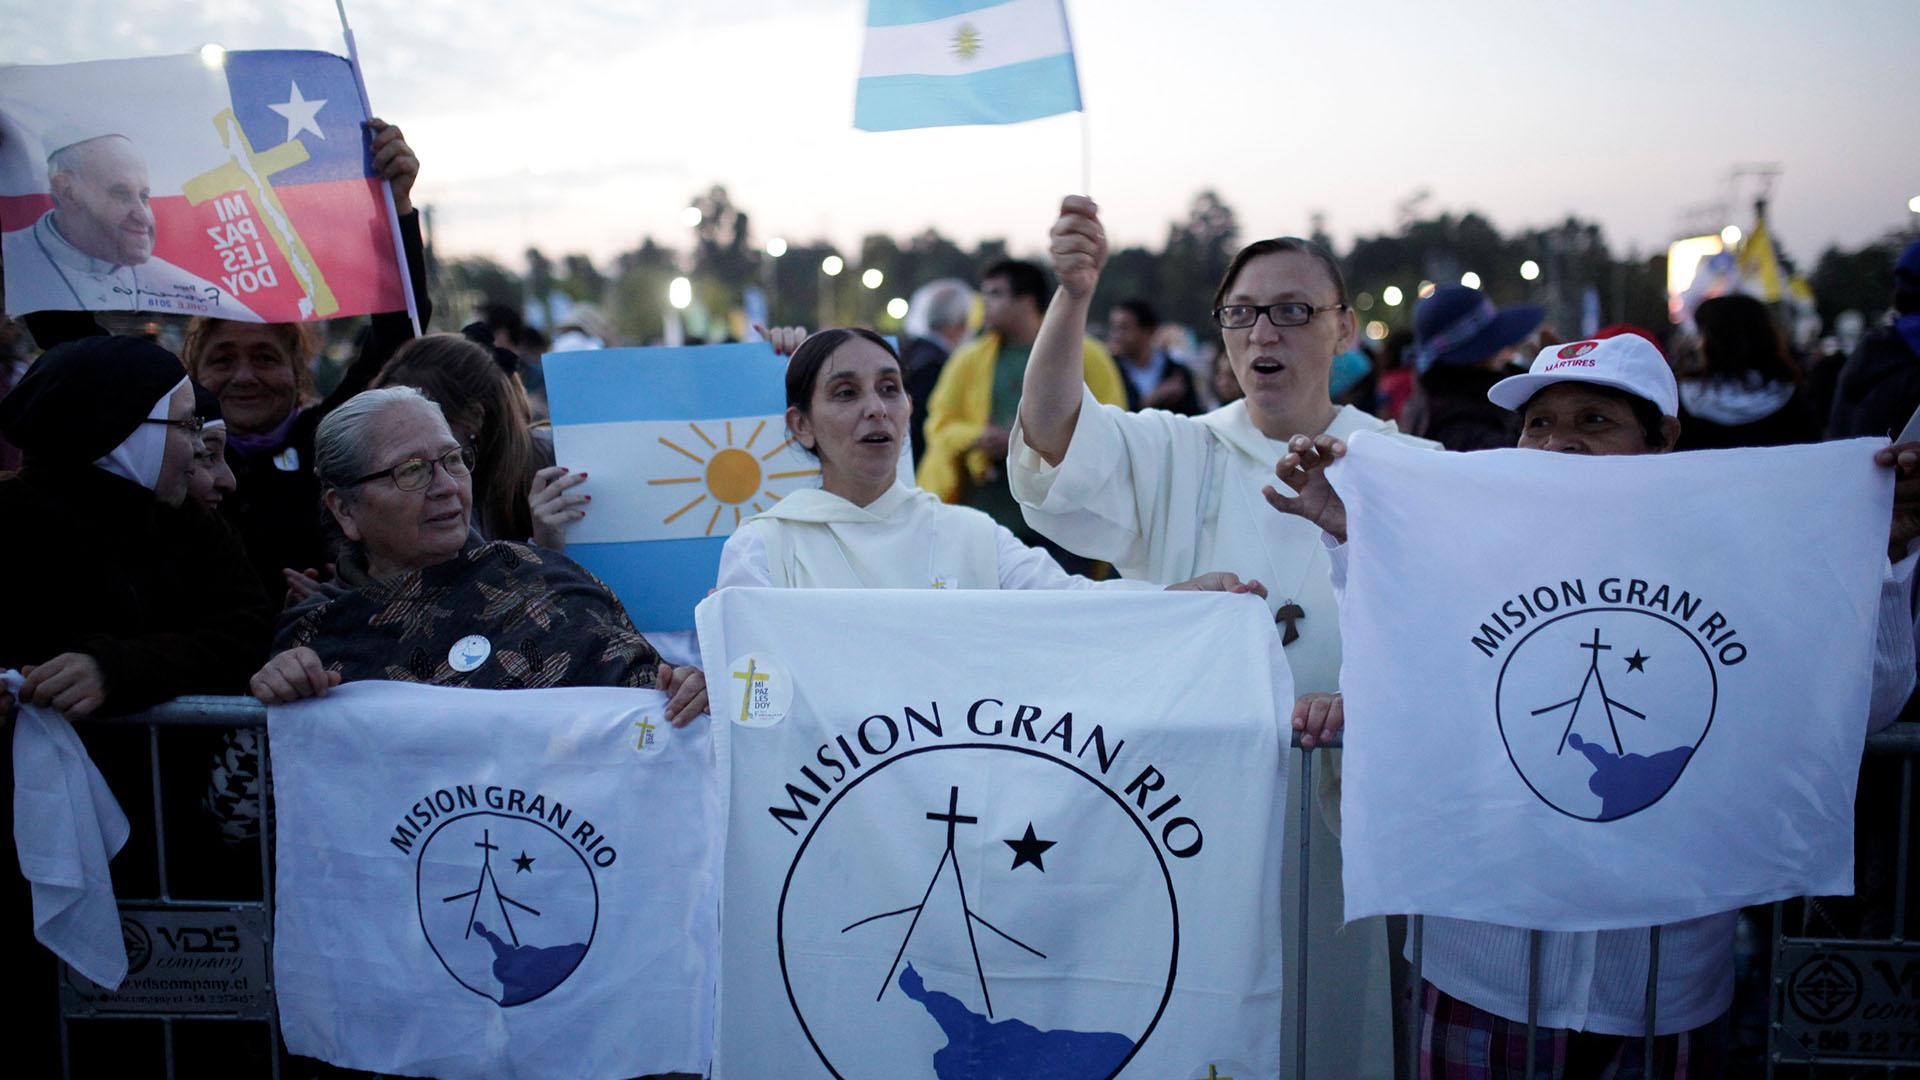 Las banderas argentinas se hicieron notar entre la multitud